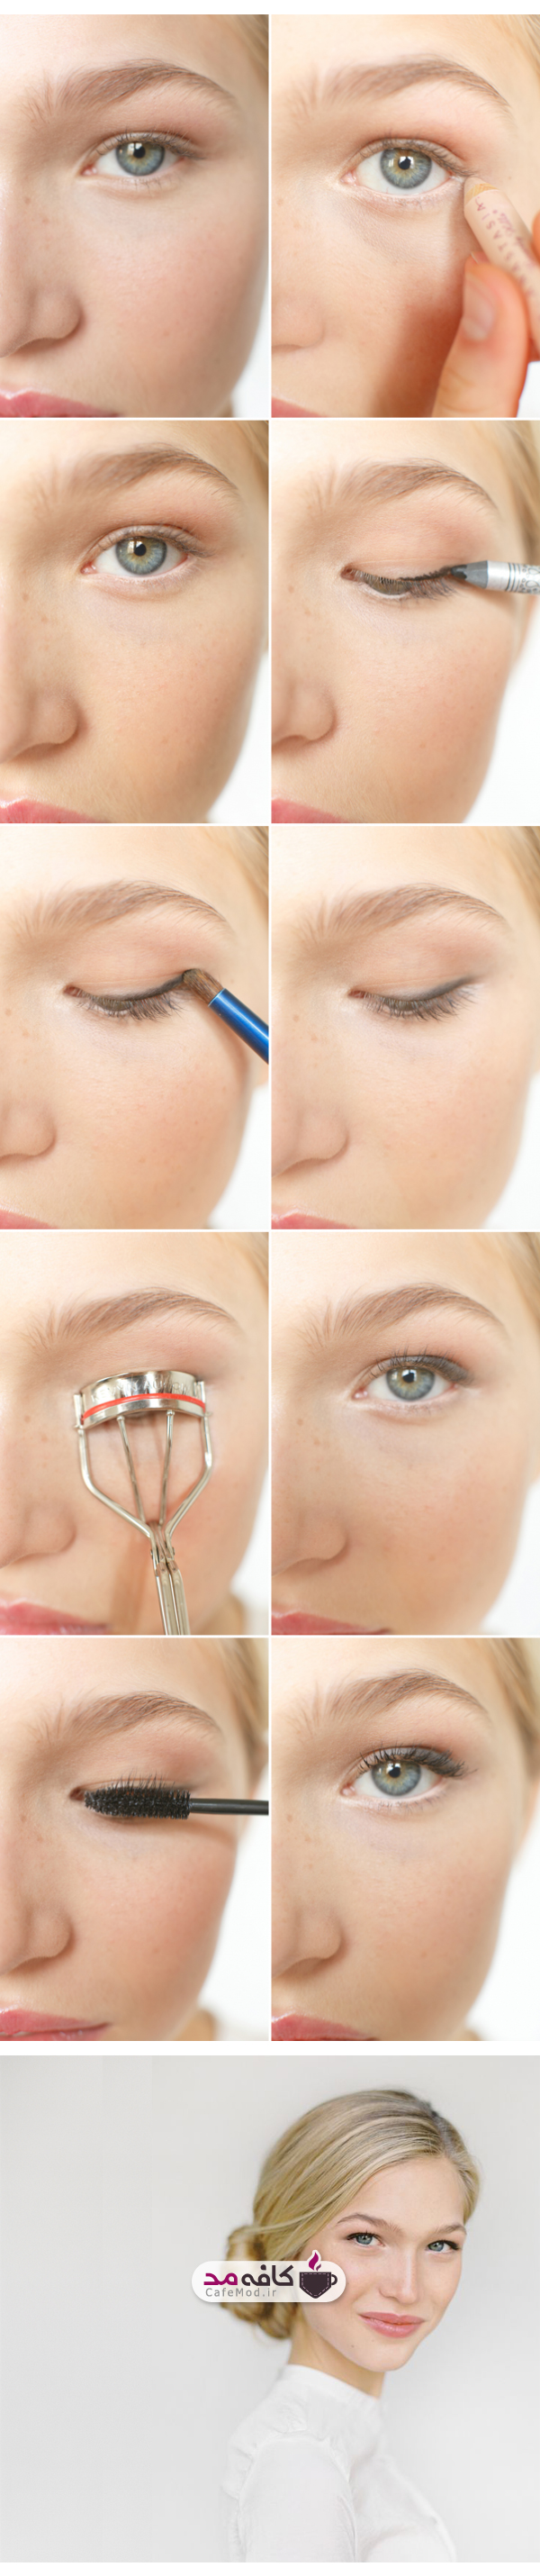 آموزش آرایش ساده و ملایم چشم